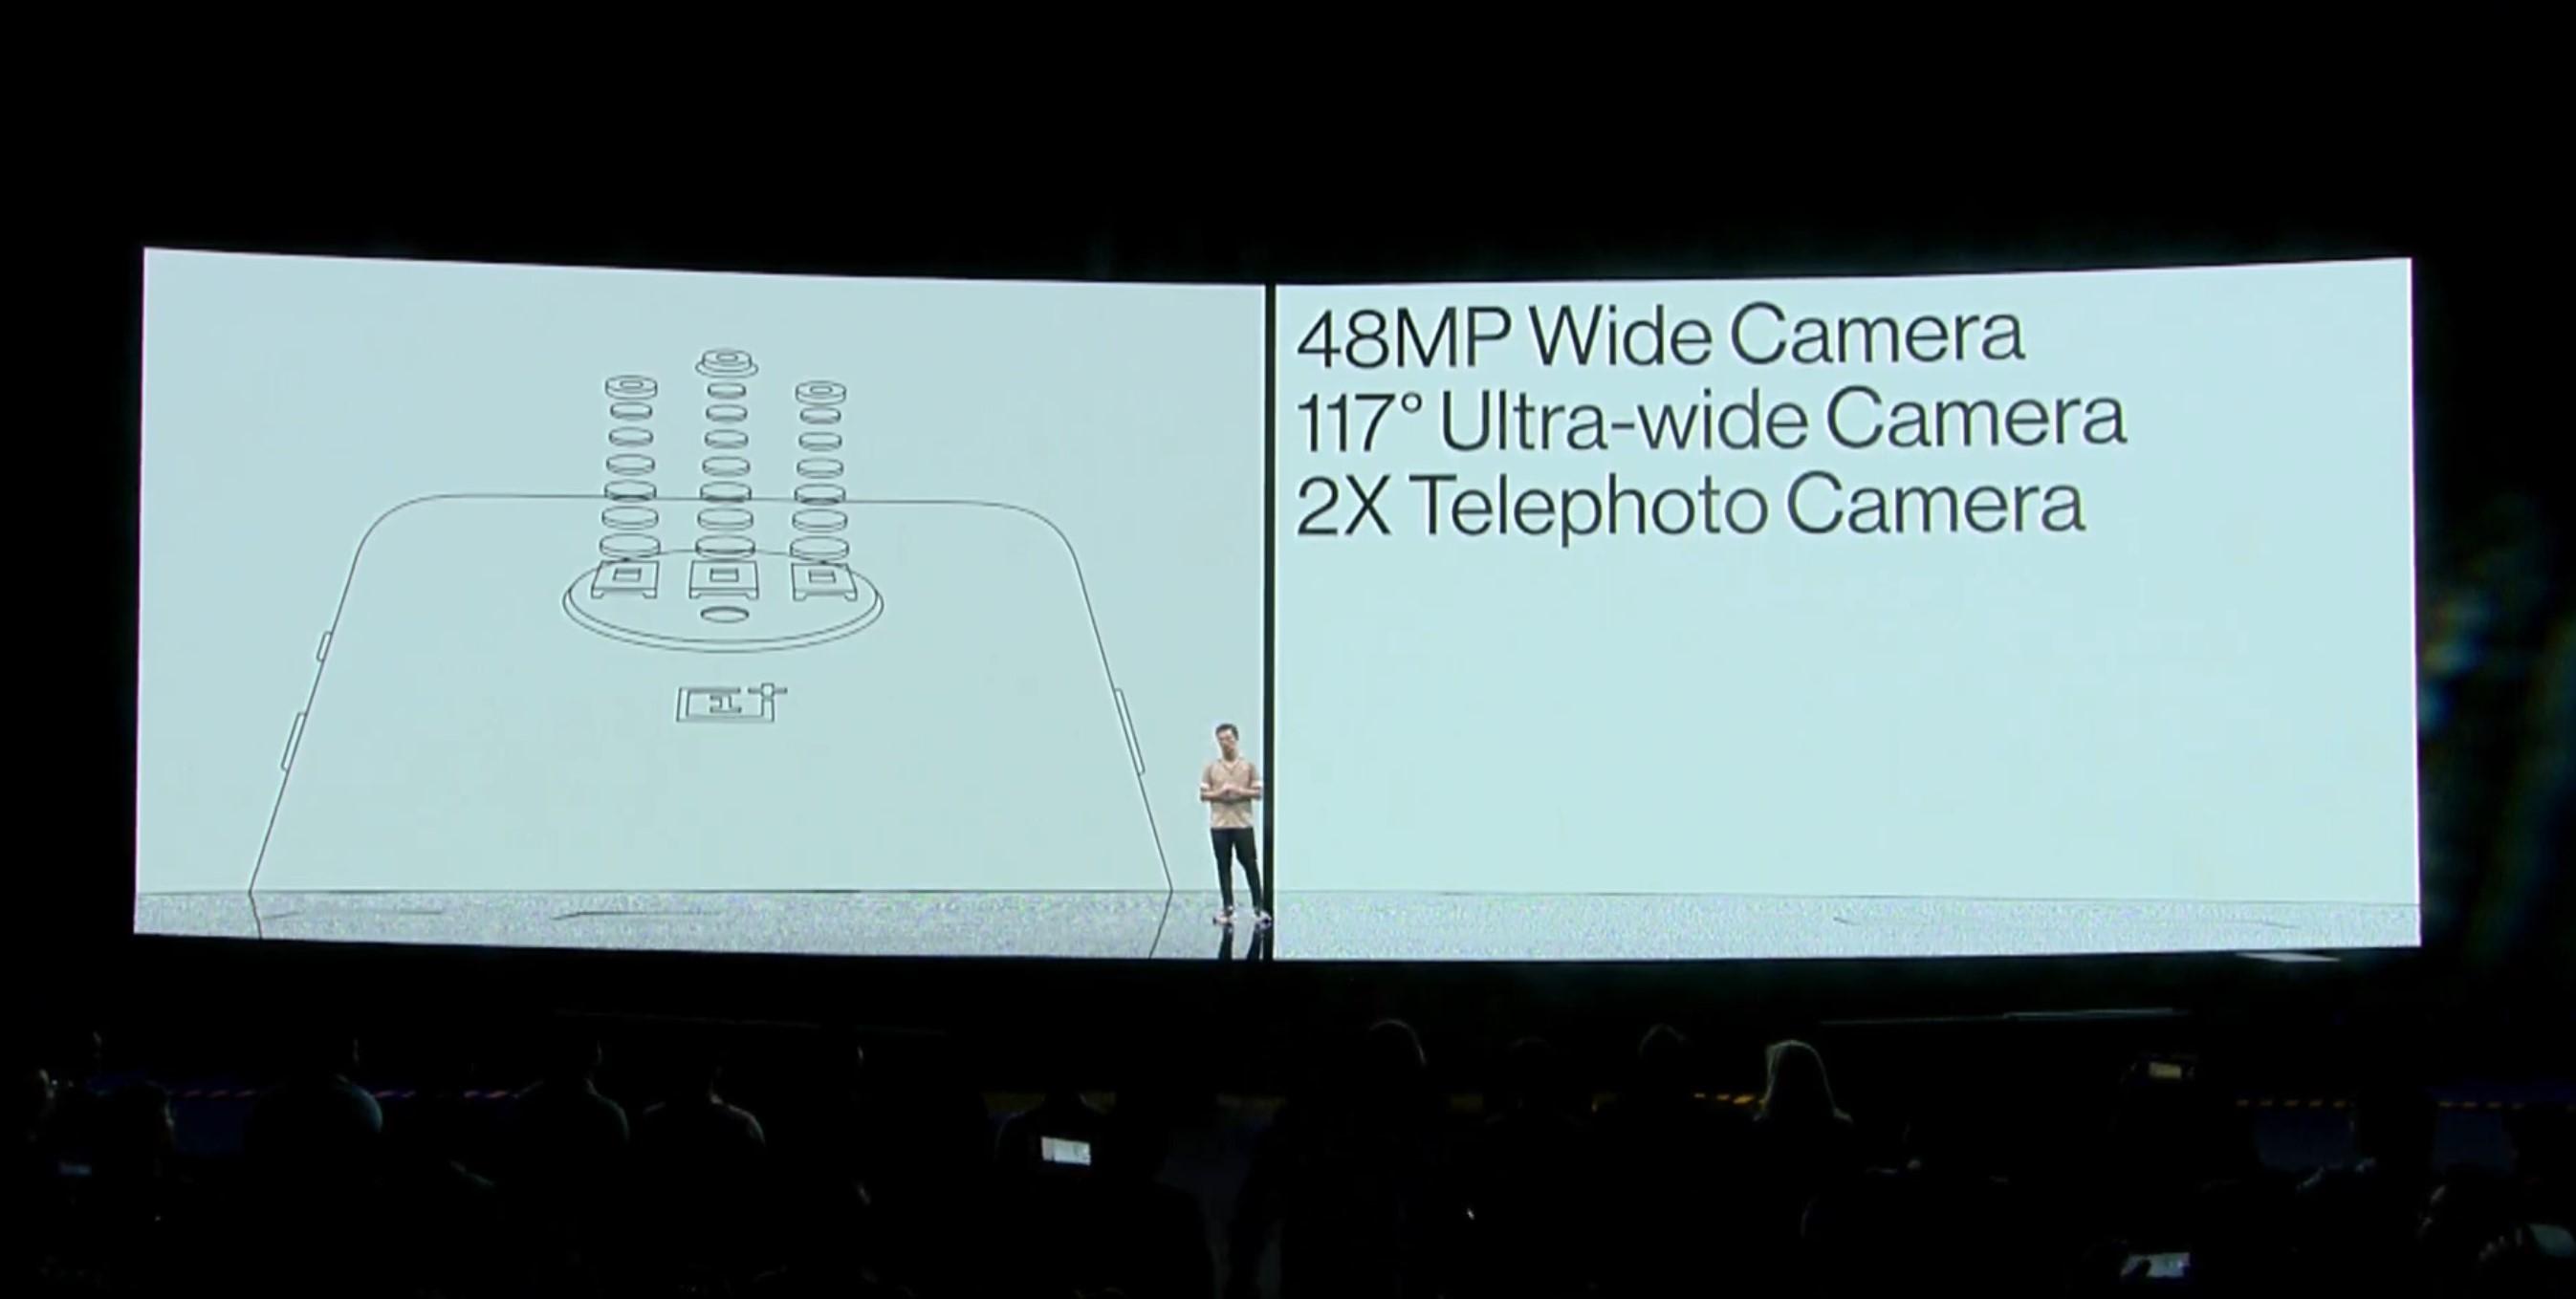 OnePlus 7T - smartfon z ekranem 90 Hz, na który czekali ludzie zmęczeni popularnymi markami 22